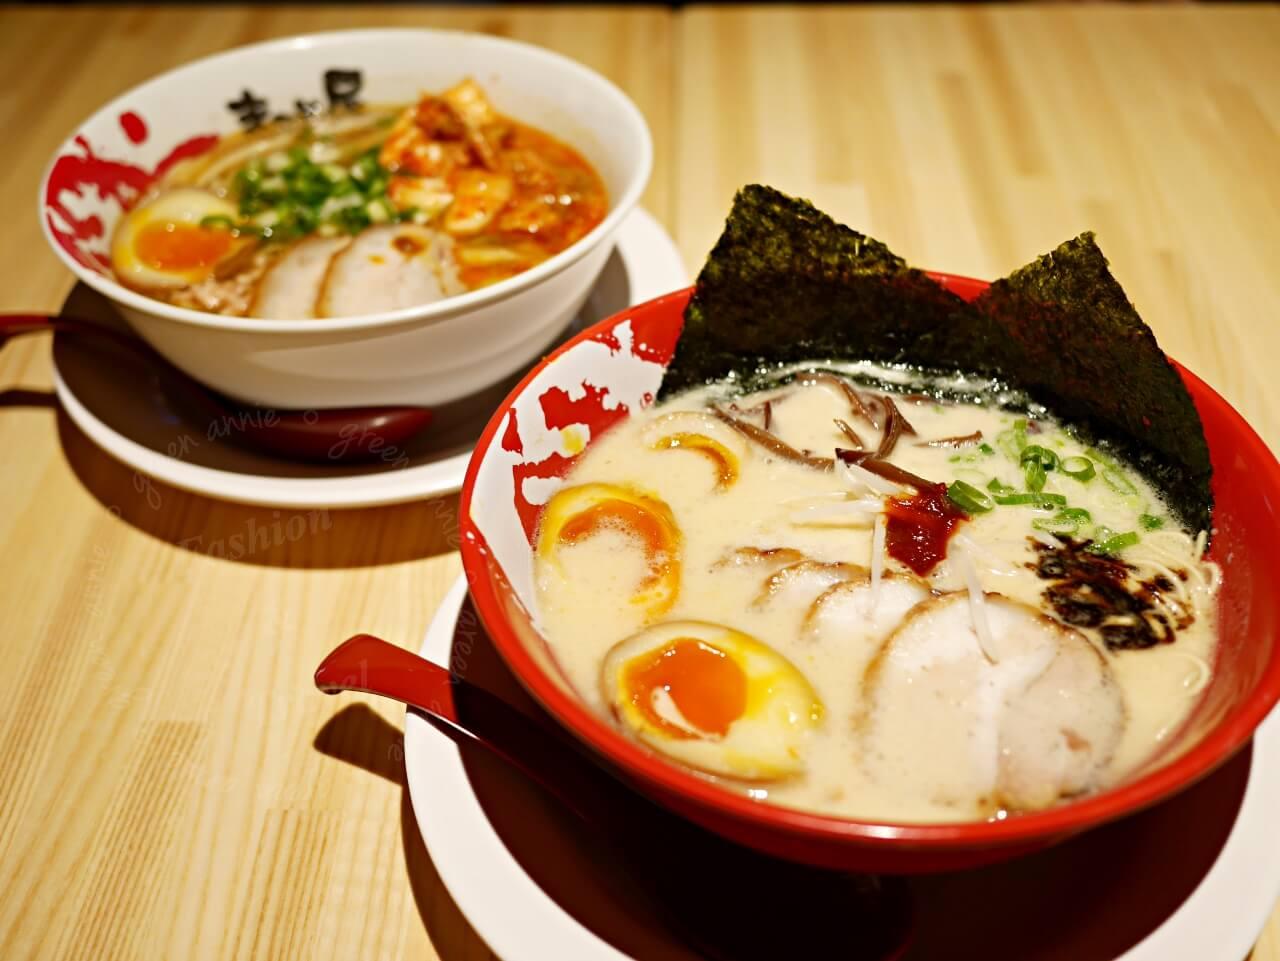 大直美食:誠屋拉麵食記。ATT 4 Recharge大直新地標有米其林餐廳、美食餐廳、親子互動空間。